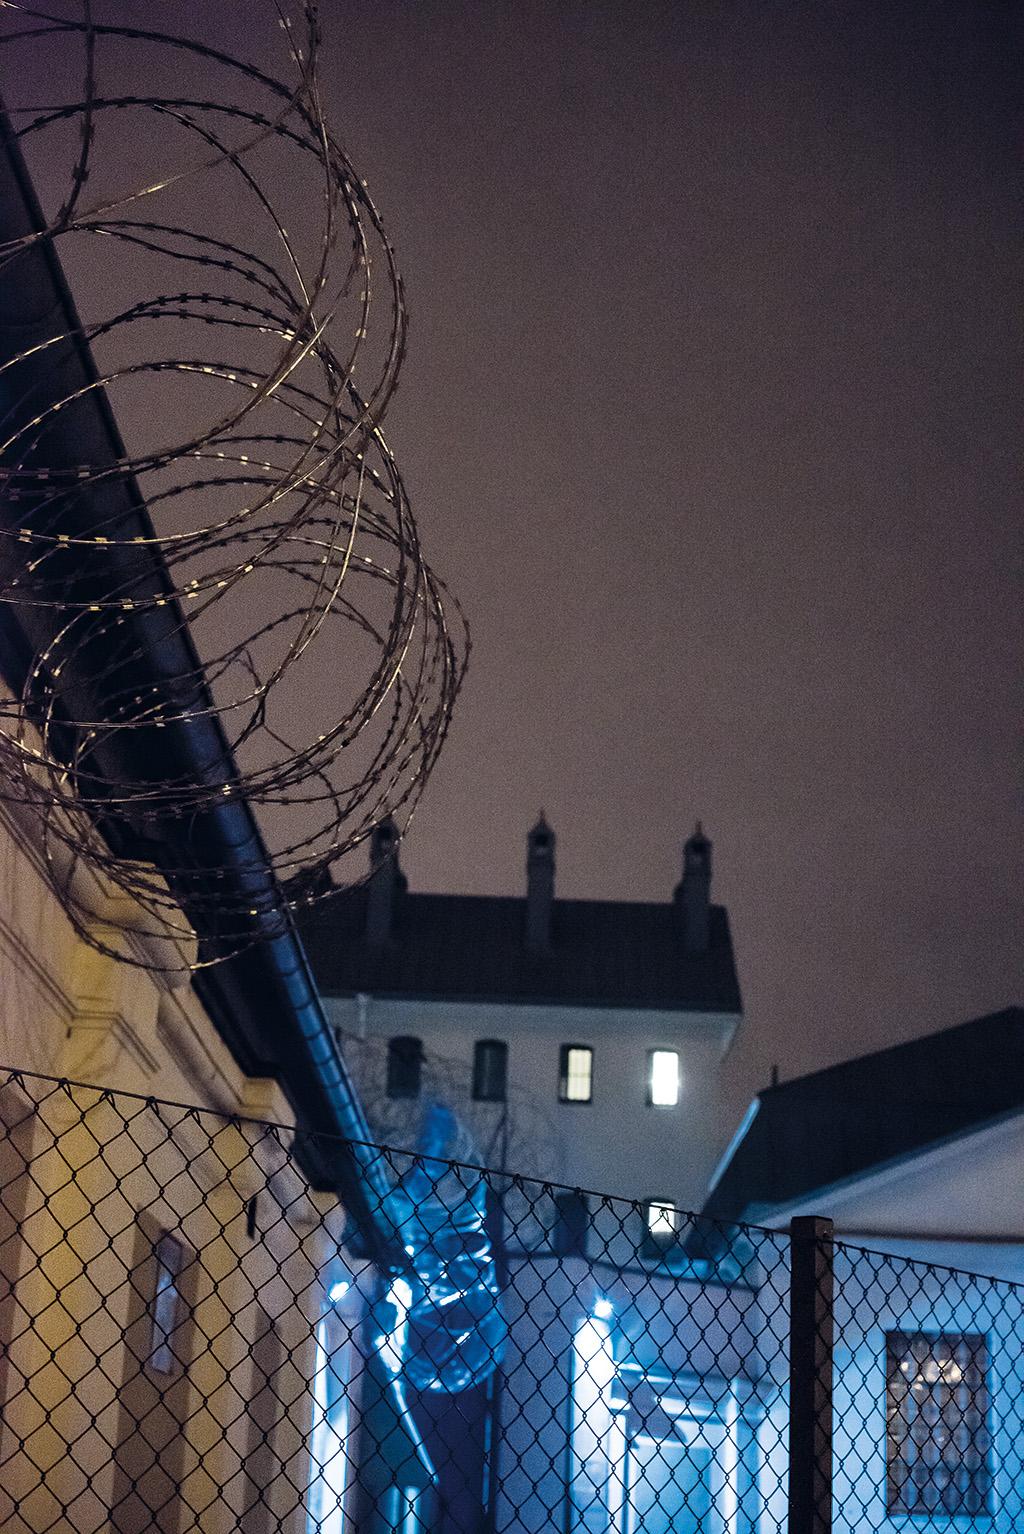 JONAS JACOBSON Kirsebergsanstalten i Malmö, där även livstidsdömda studerar. – Anstalten ligger mitt i staden och jag ville fokusera på barriären, att det är ett skilt samhälle inom samhället. De tända fönsterna bakom taggtråden får en att fråga sig vem som sitter där inne.